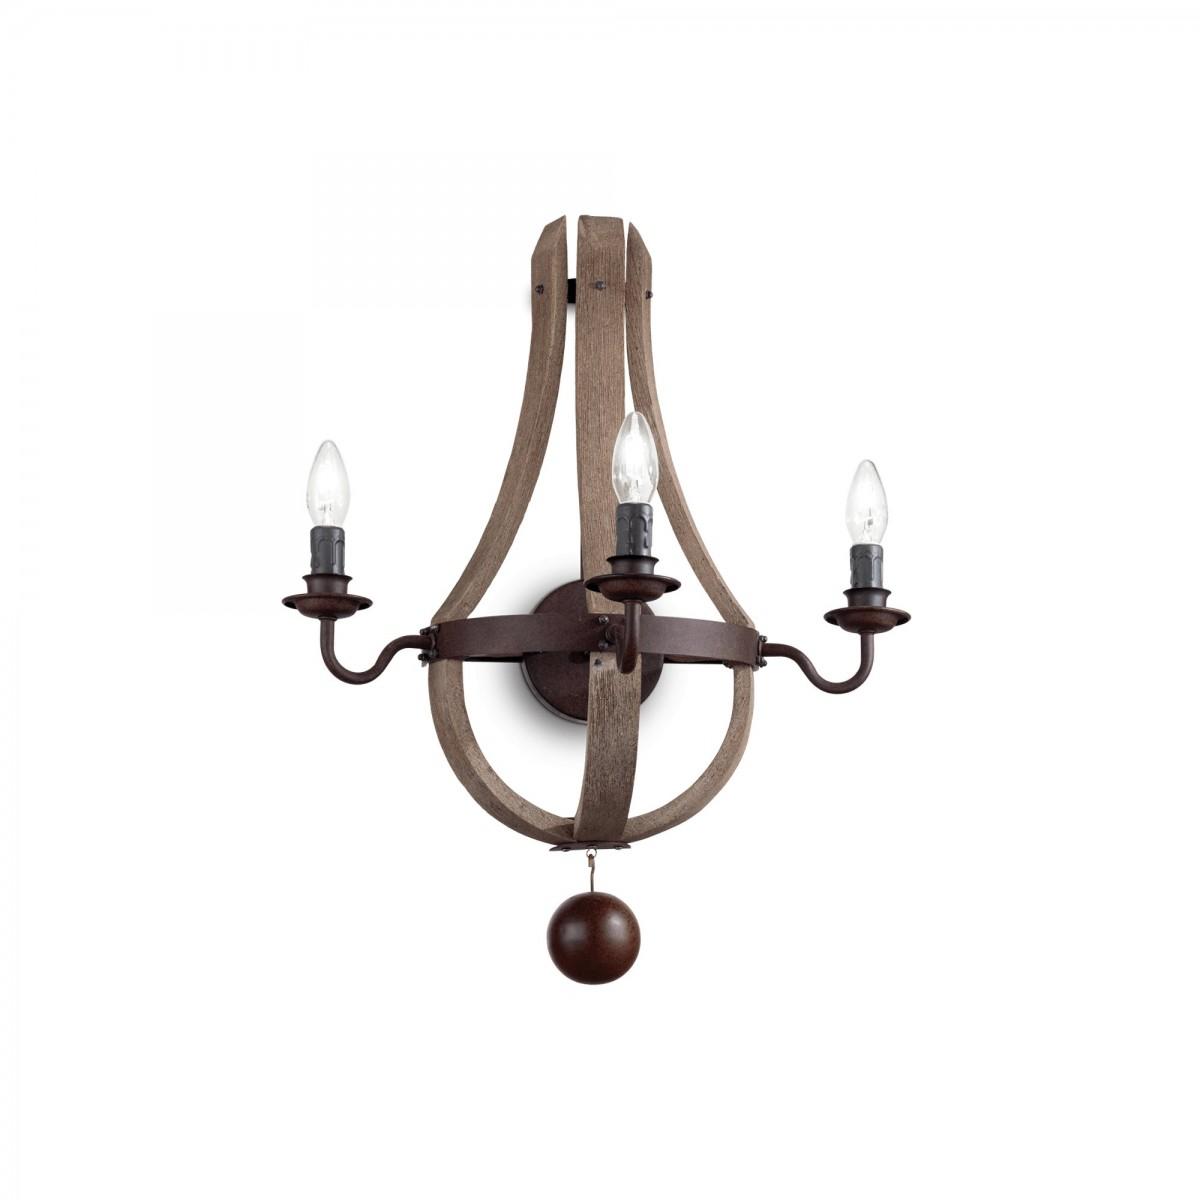 nástěnné svítidlo Ideal Lux Millennium AP3 136875 3x40W E14 - monumentální osvětlení